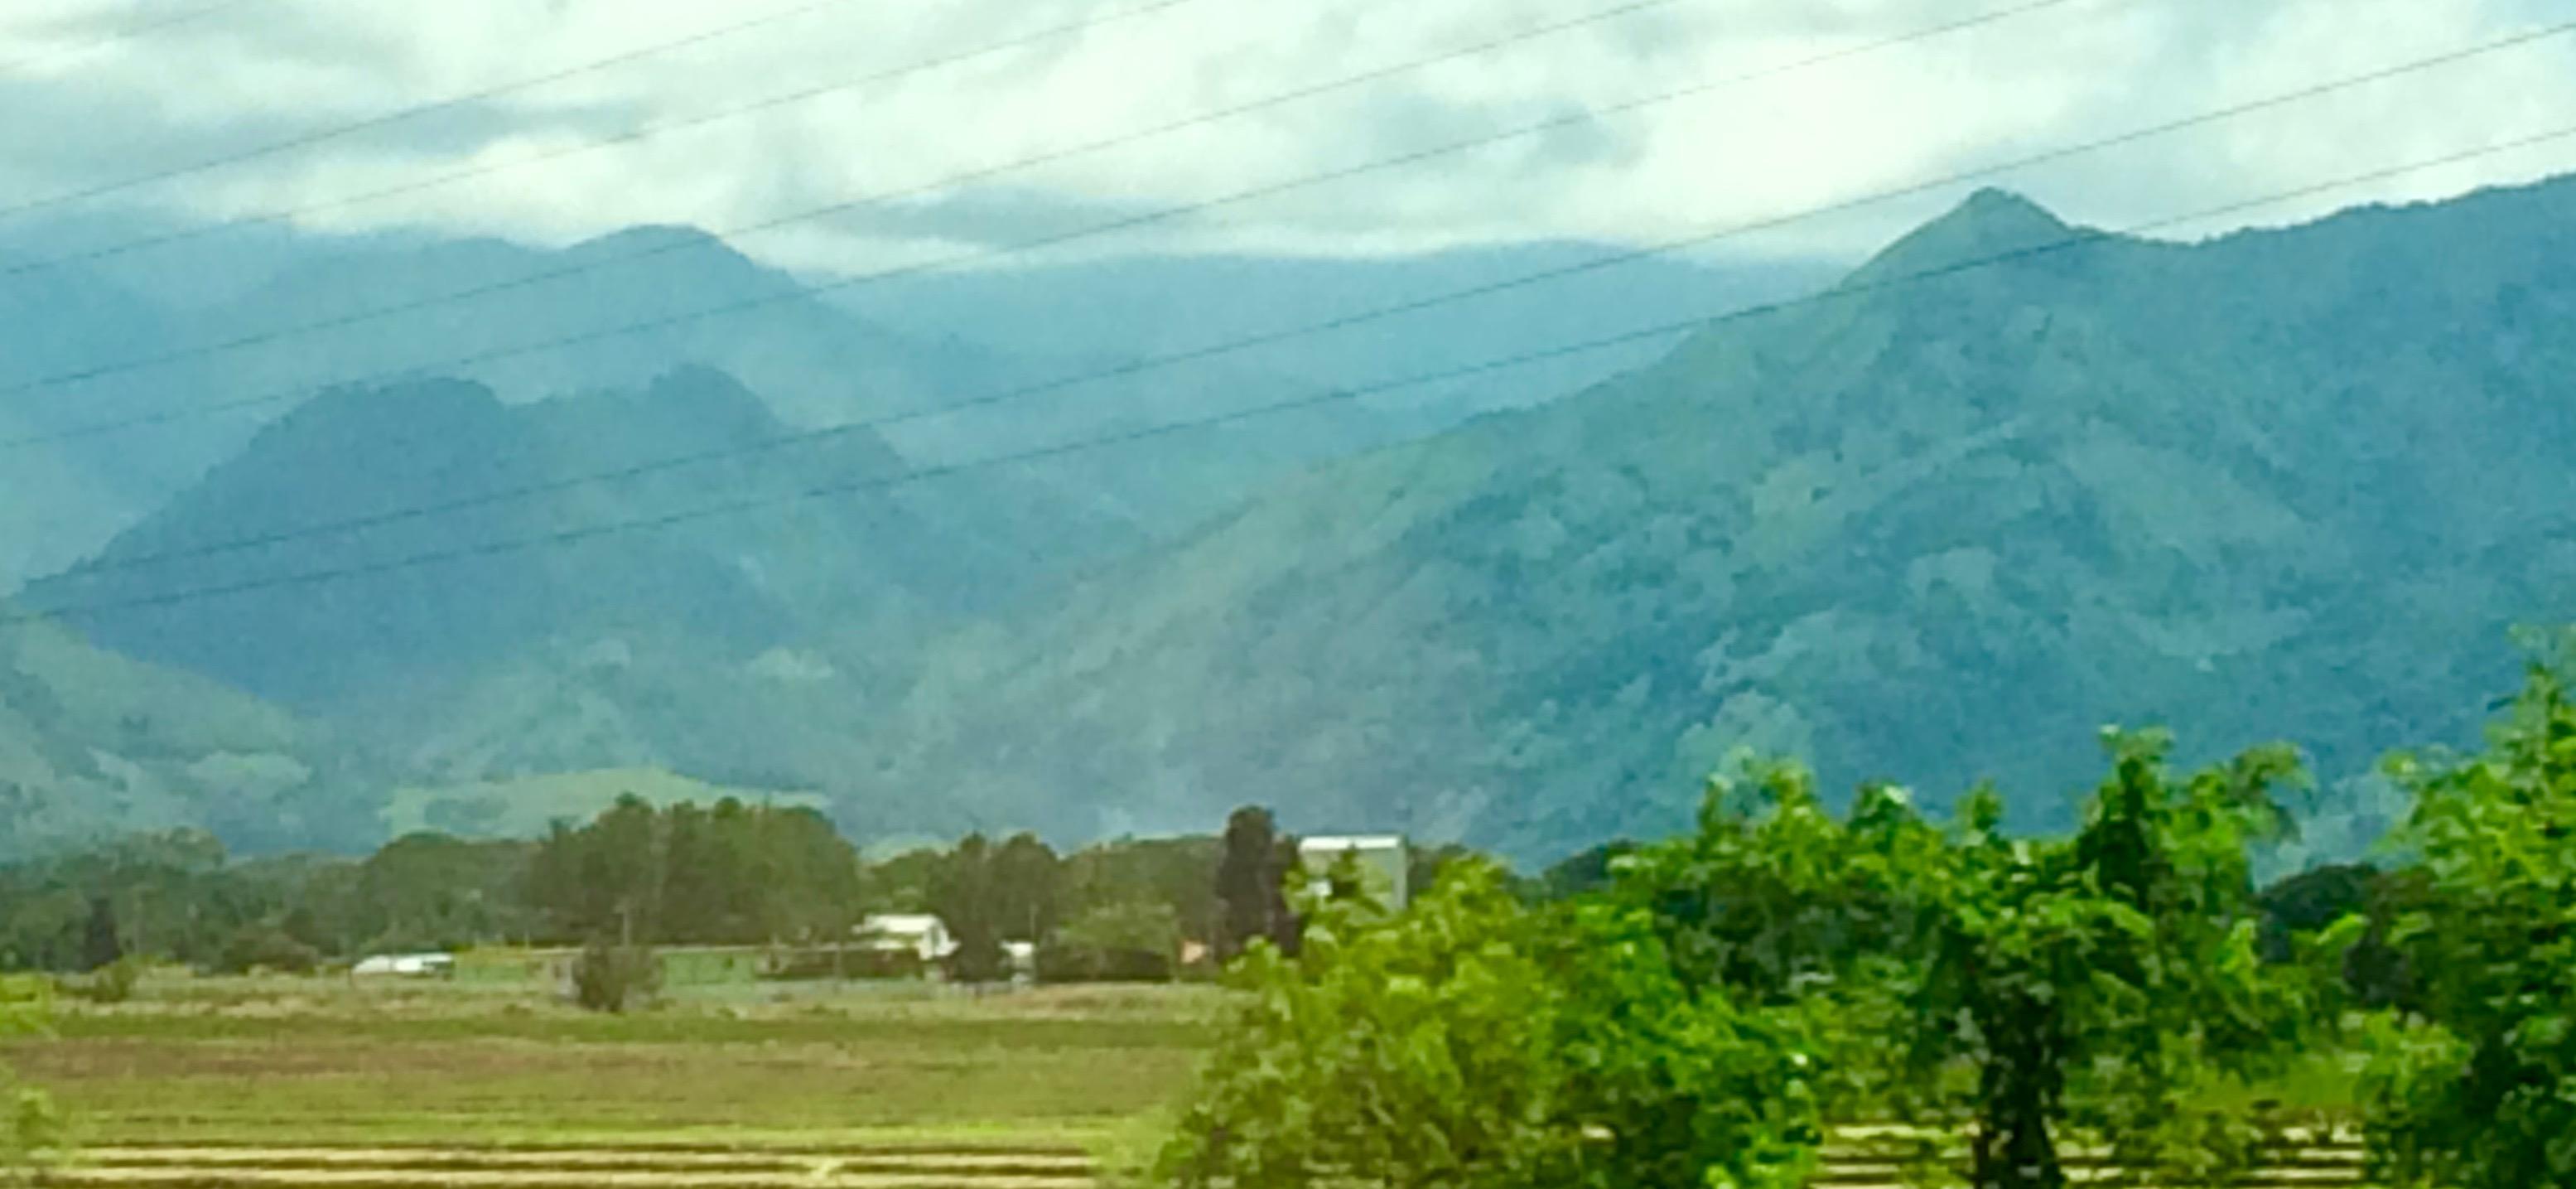 Countryside near Santiago